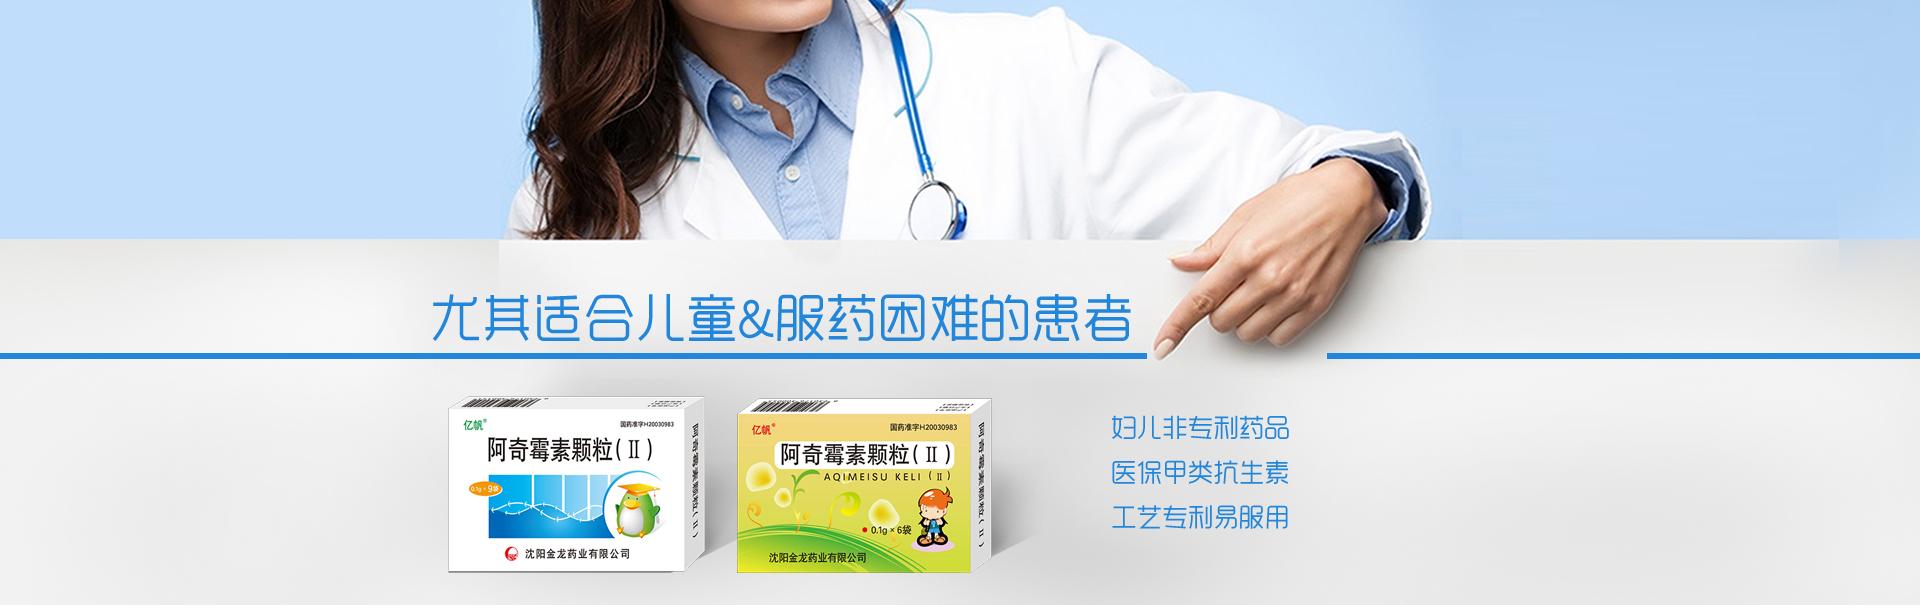 治疗青春痘药品